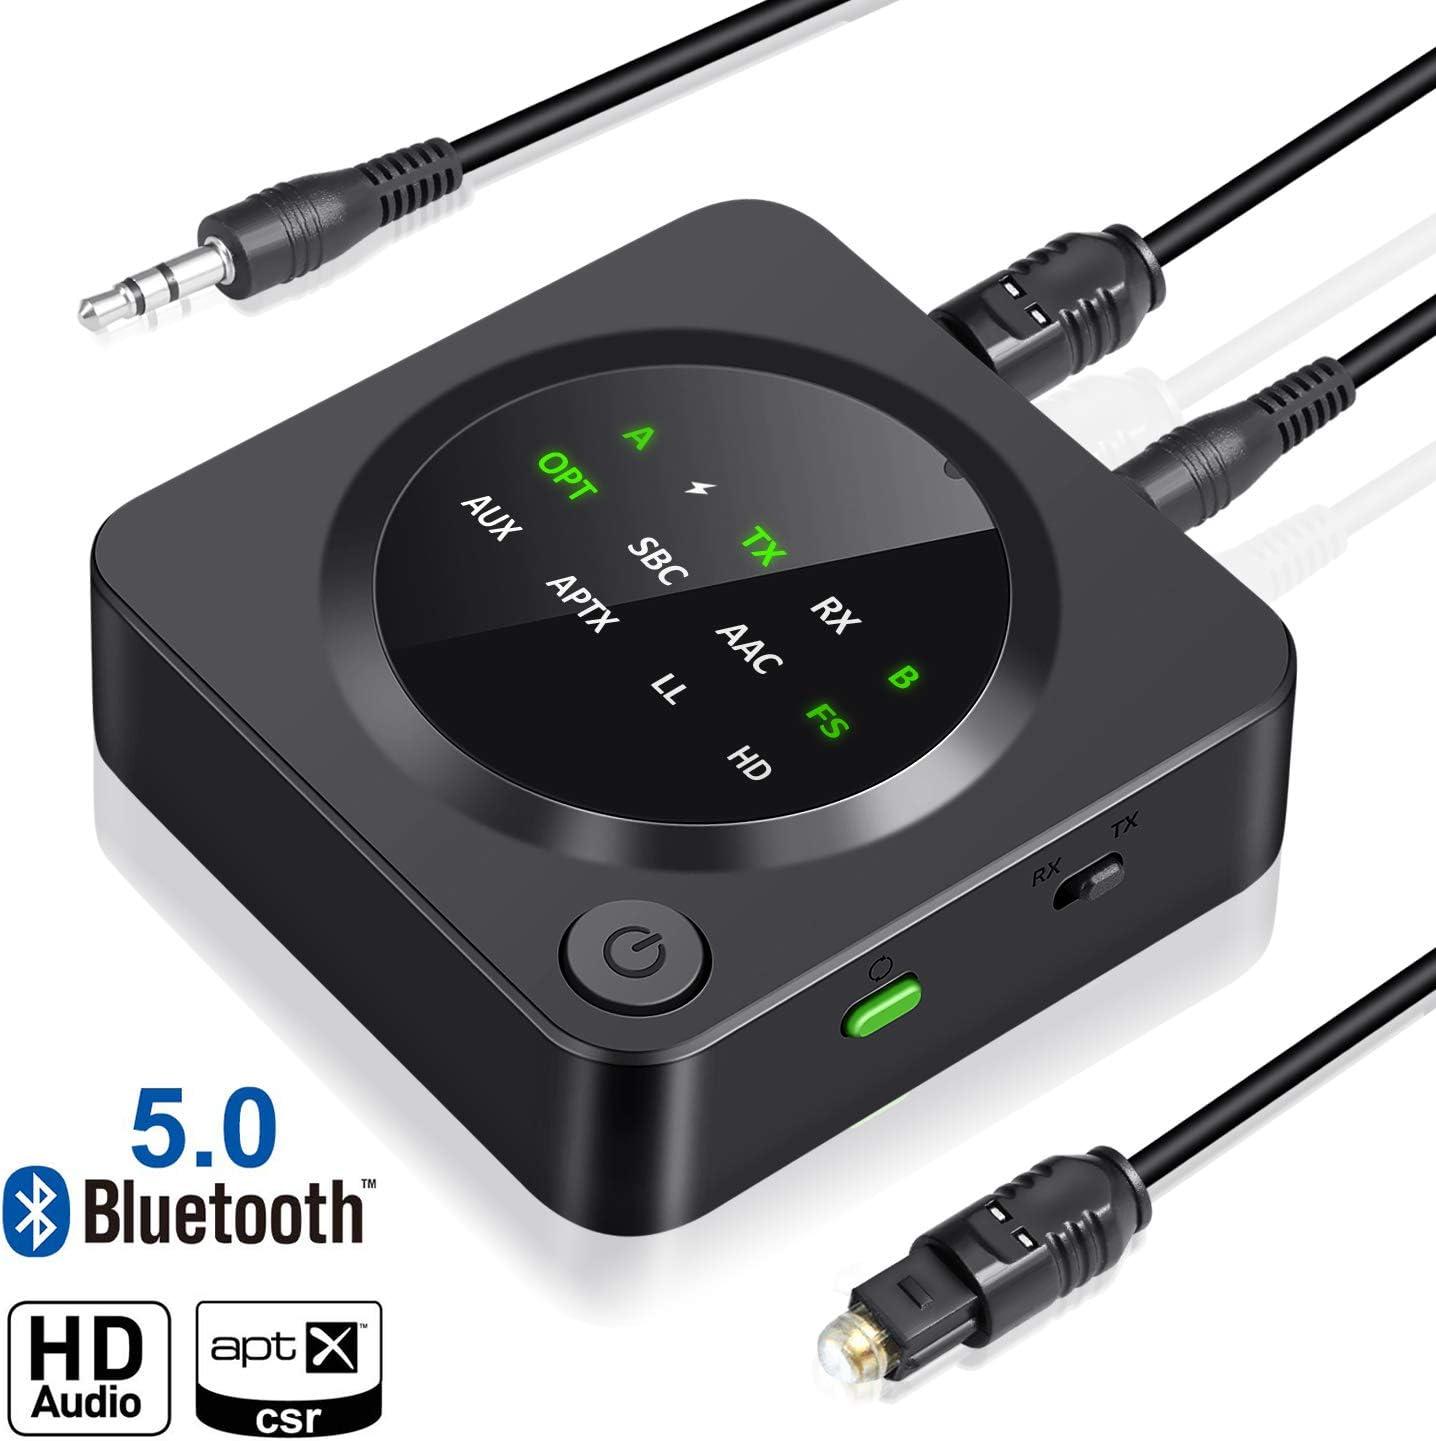 UZOPI Receptor Transmisor Bluetooth 5.0 2 en 1 | Adaptador Óptico de Audio 65 Pies de Largo Alcance Inalámbrico AaptX de Baja Latencia HD para TV PC Sistema de Estéreo para Automóvil para el Hogar